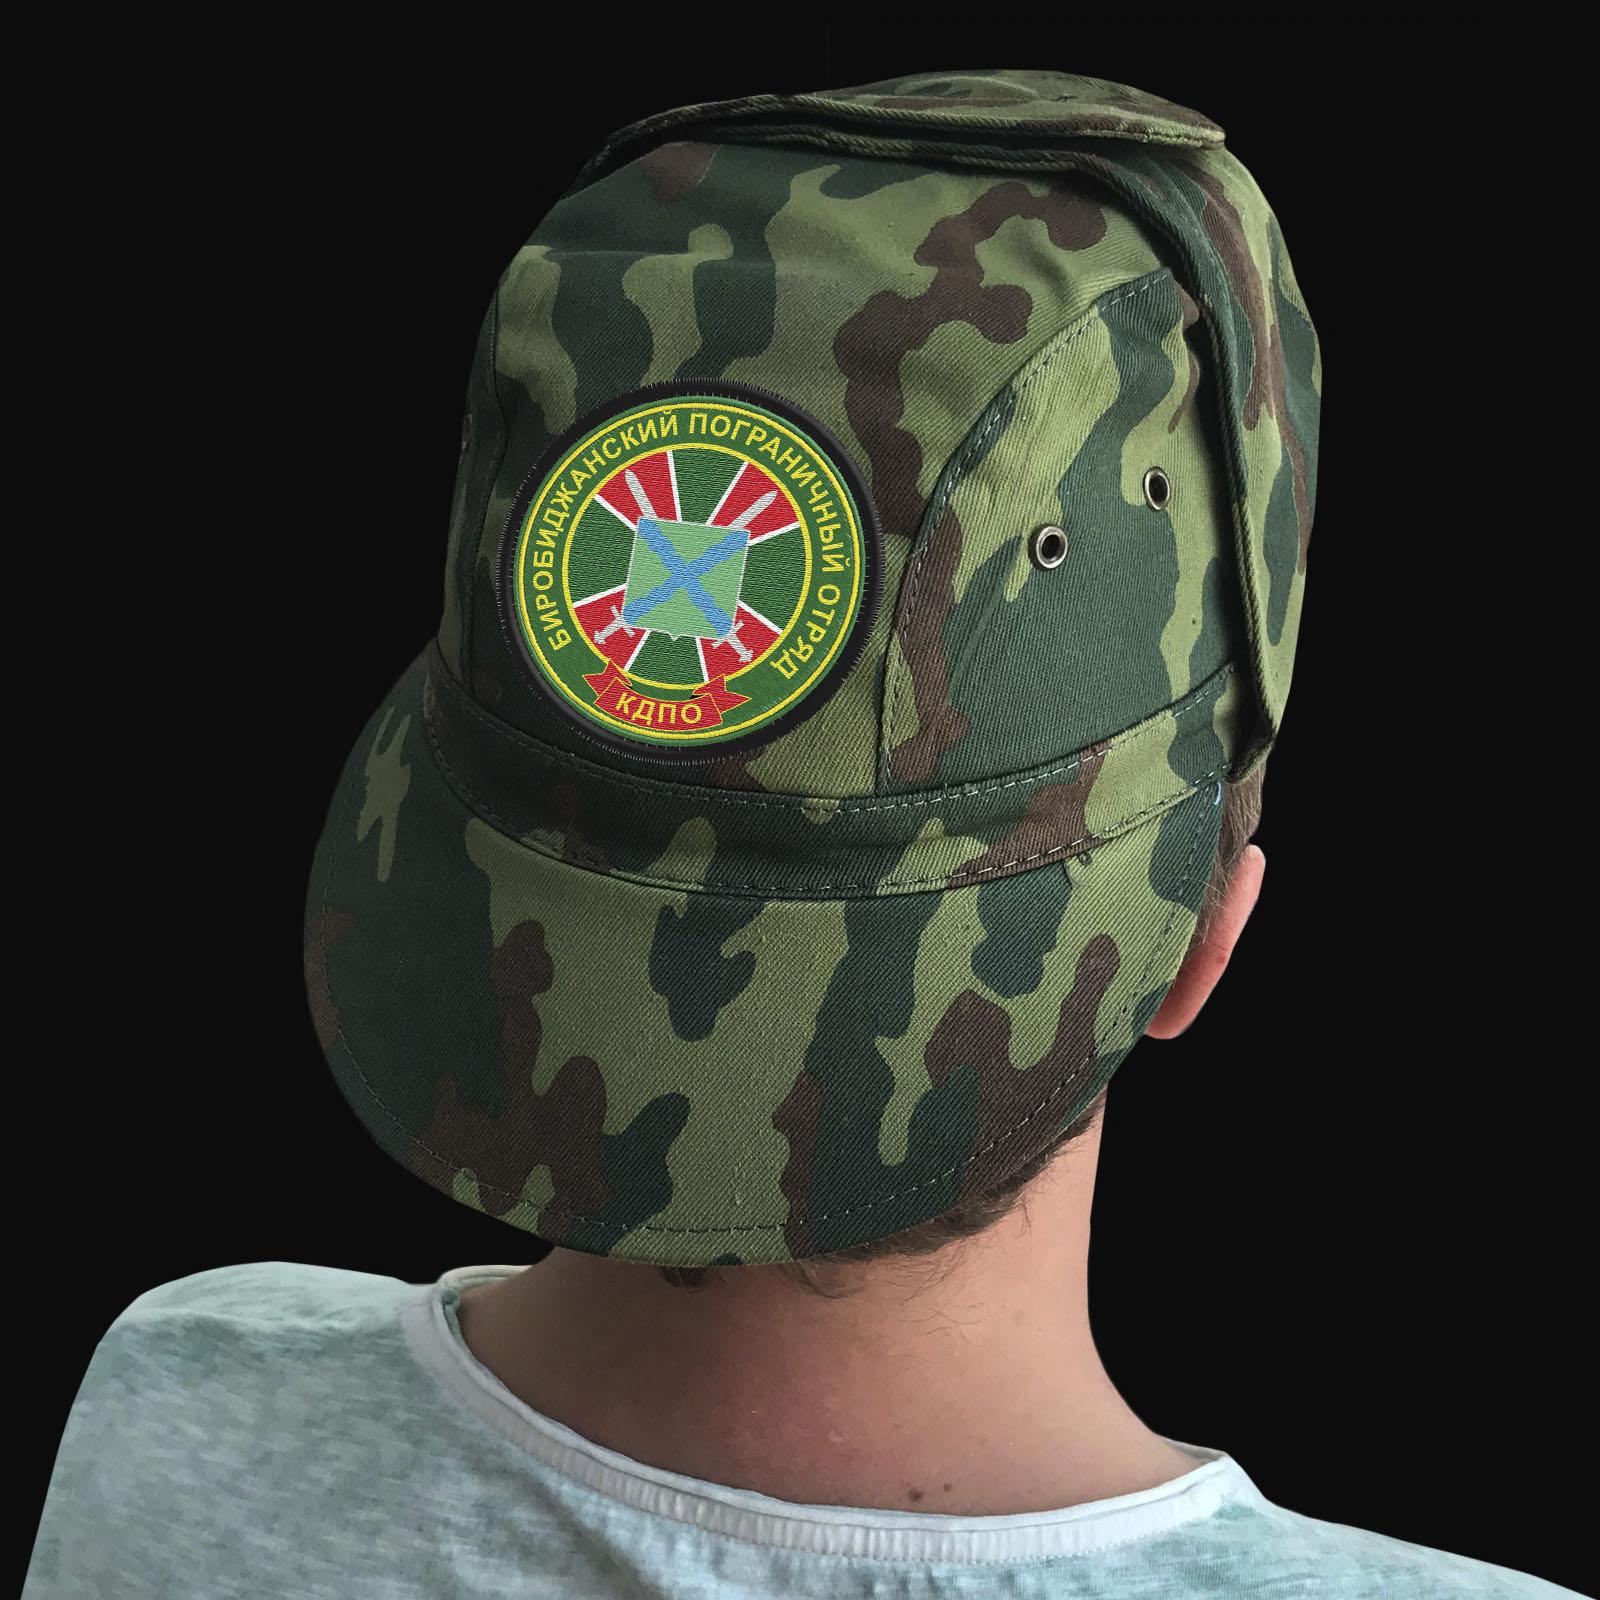 Пограничные кепки и другая одежда для погранцов с быстрой доставкой